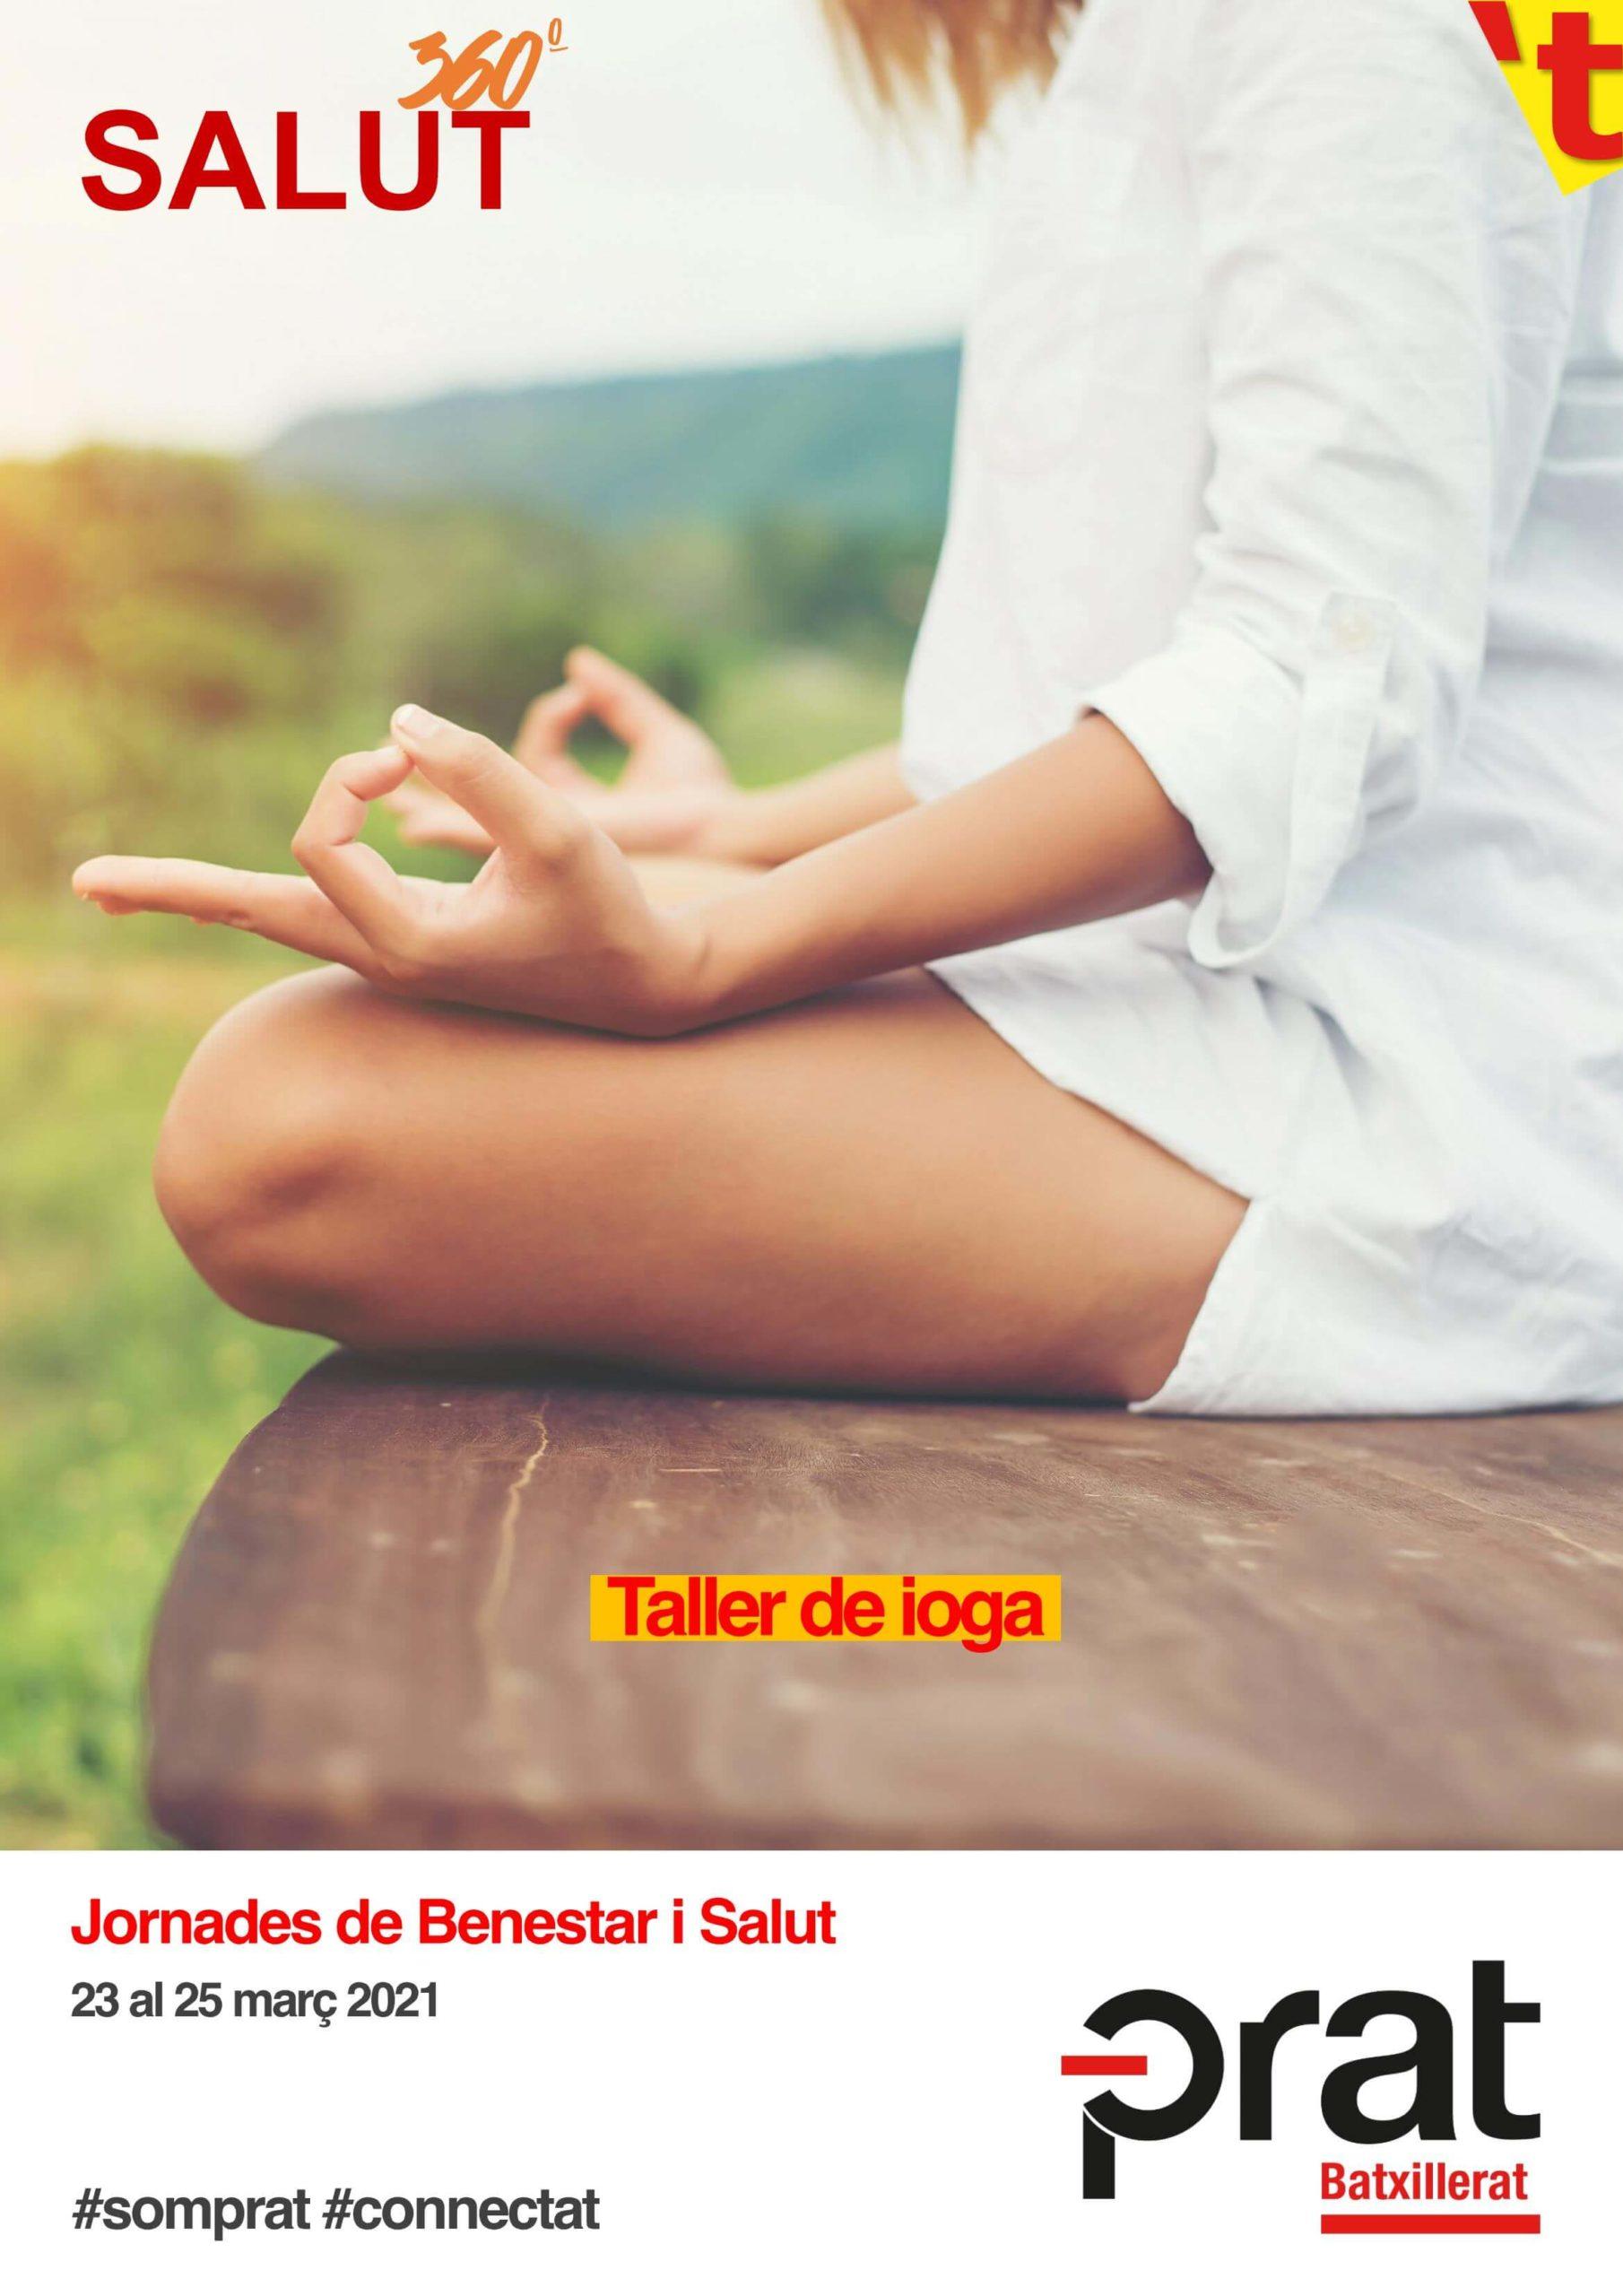 Jornades de Benestar i Salut: taller de ioga - Batxillerat a Prat Educació